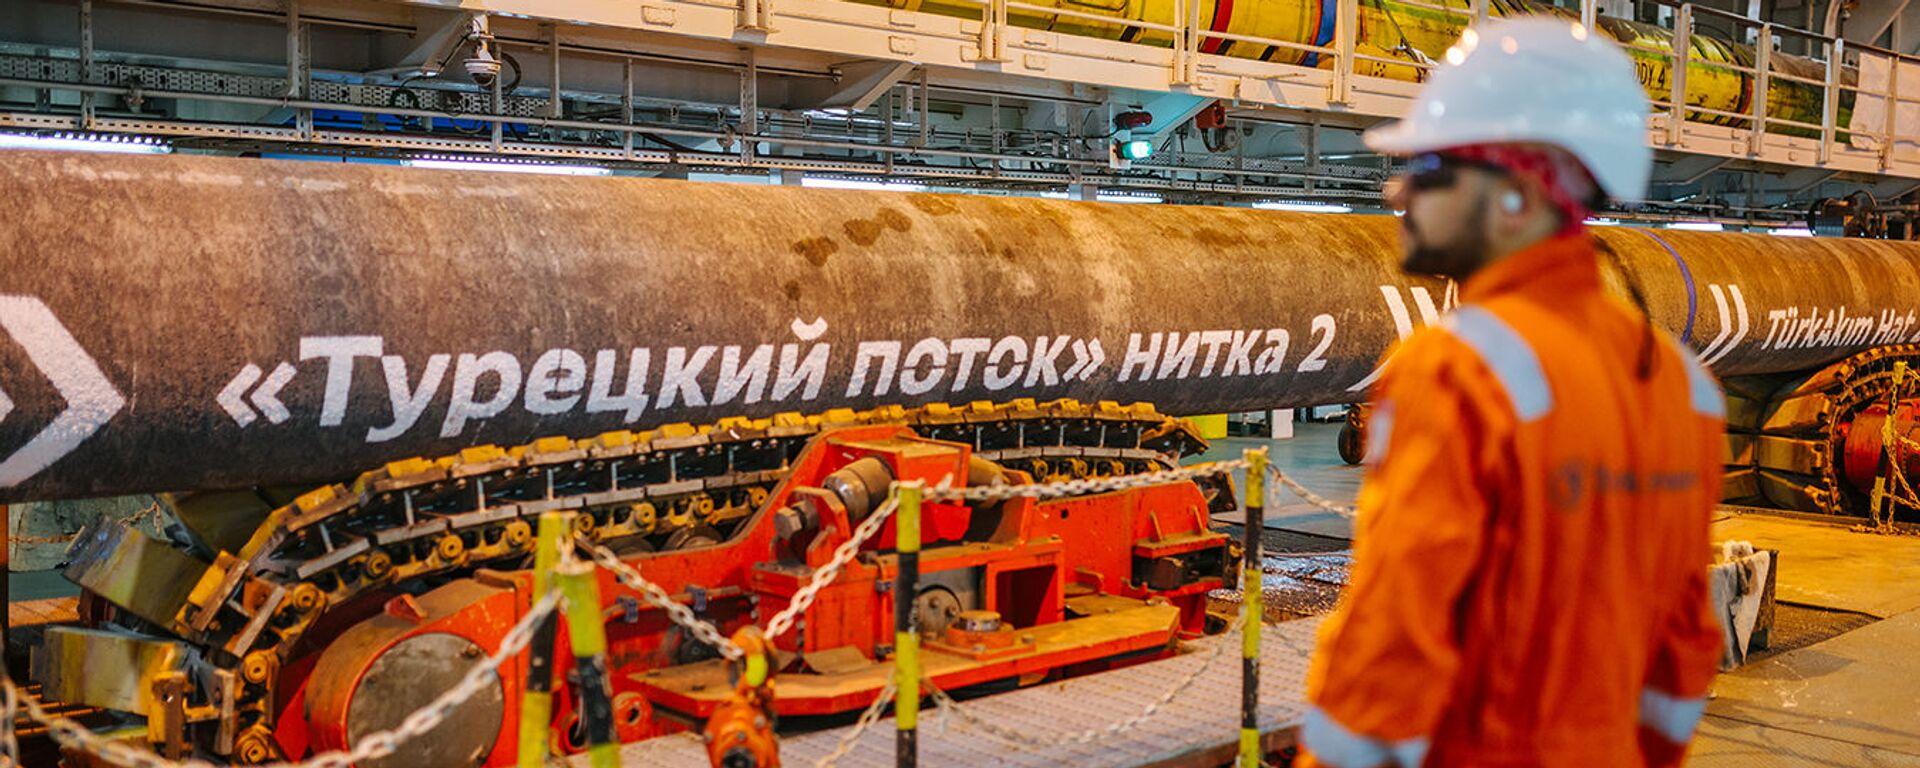 Завршетак радова на морском делу гасовода Турски ток - Sputnik Србија, 1920, 03.04.2021